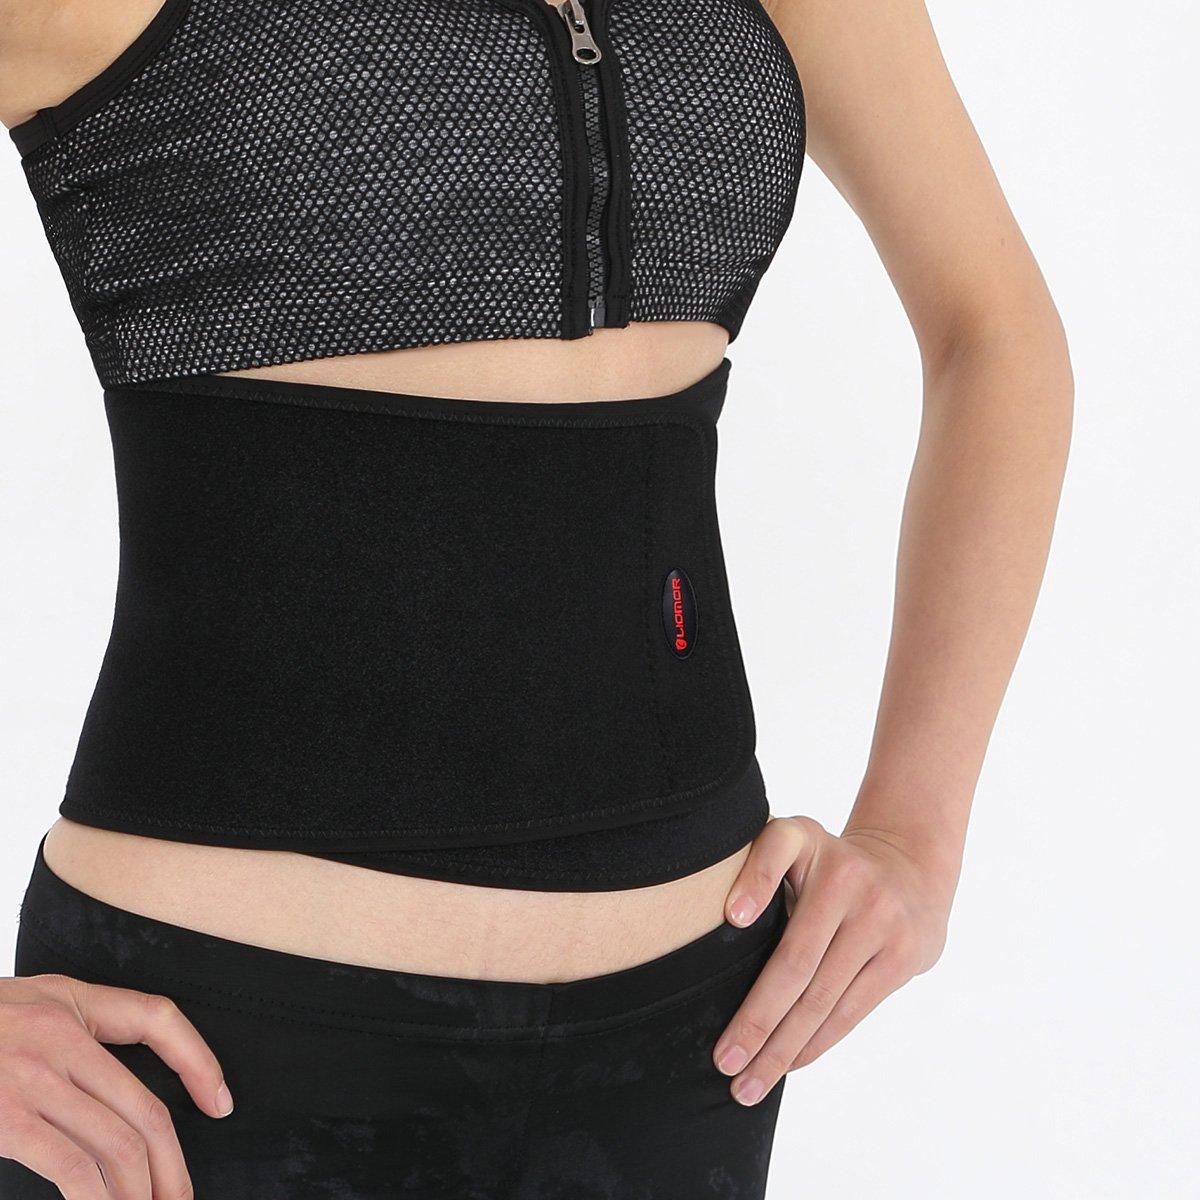 """Liomor Waist Trimmer Belt Waist Back Support Belt Weight Loss Belt for Men Women - One Size Fits Most ( 8.5"""" Width x 41"""" Length )"""